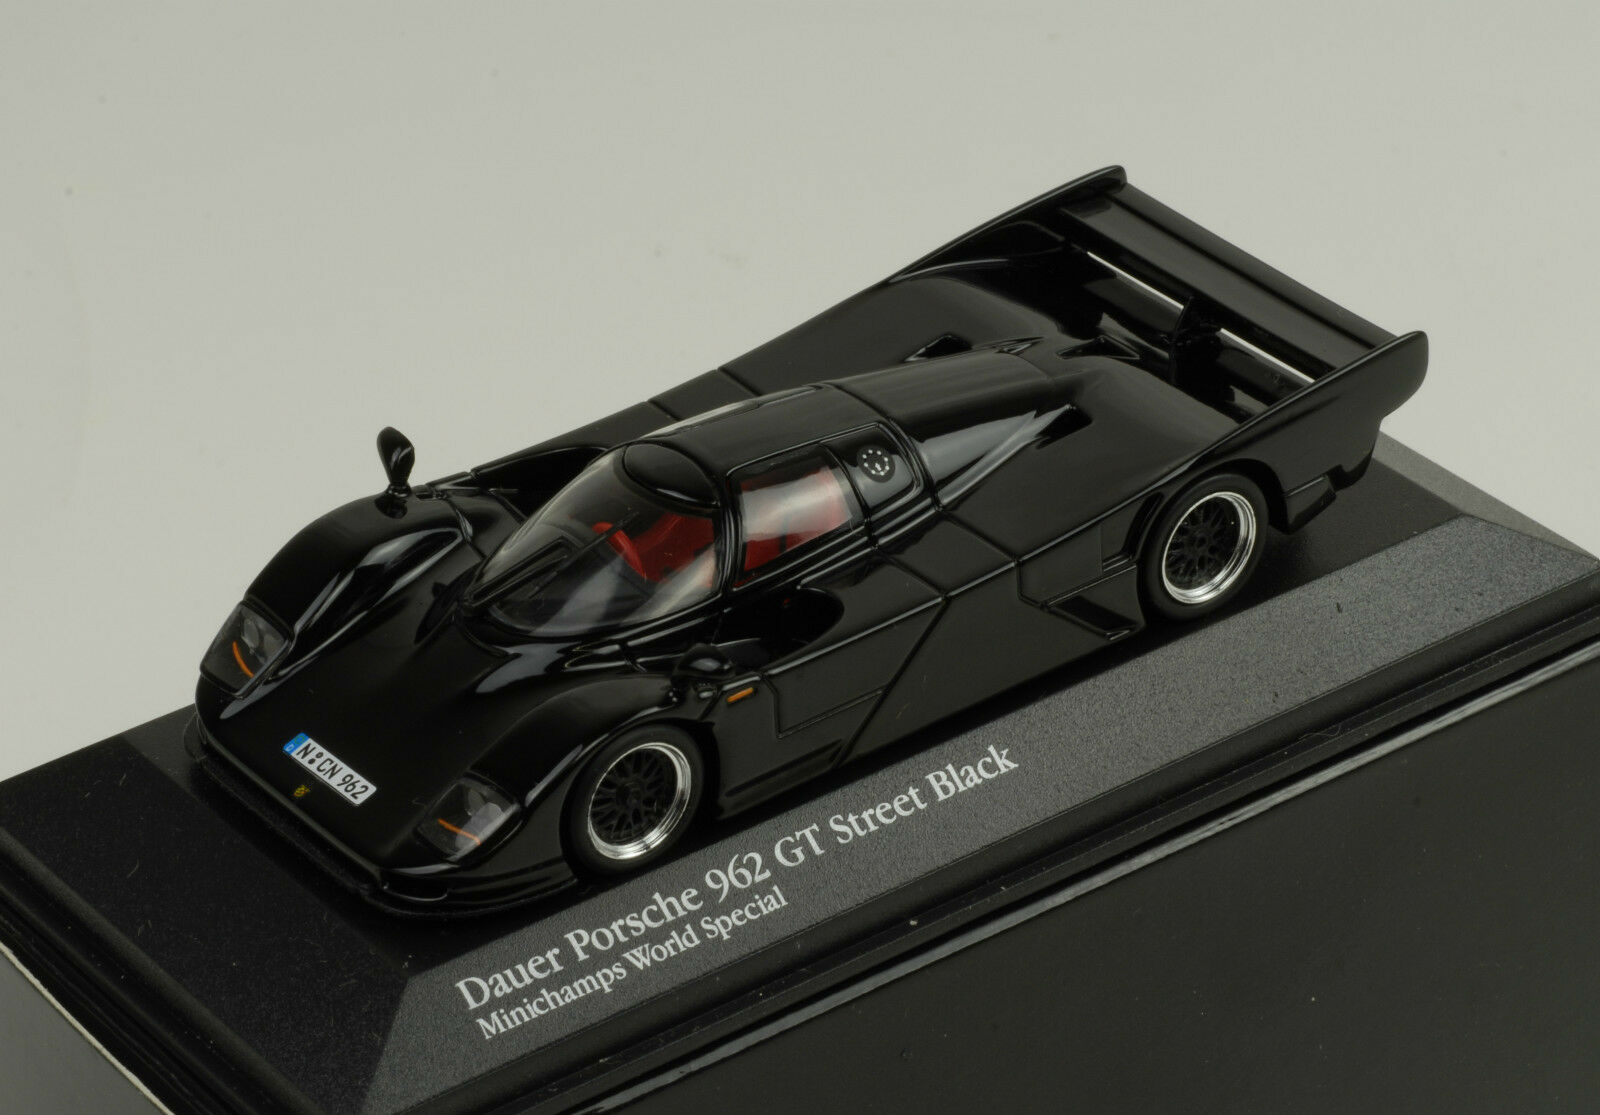 promociones emocionantes Porsche 962 Gt Street Negro Negro Negro Mundo Special 1 43 Minichamps  el mas reciente